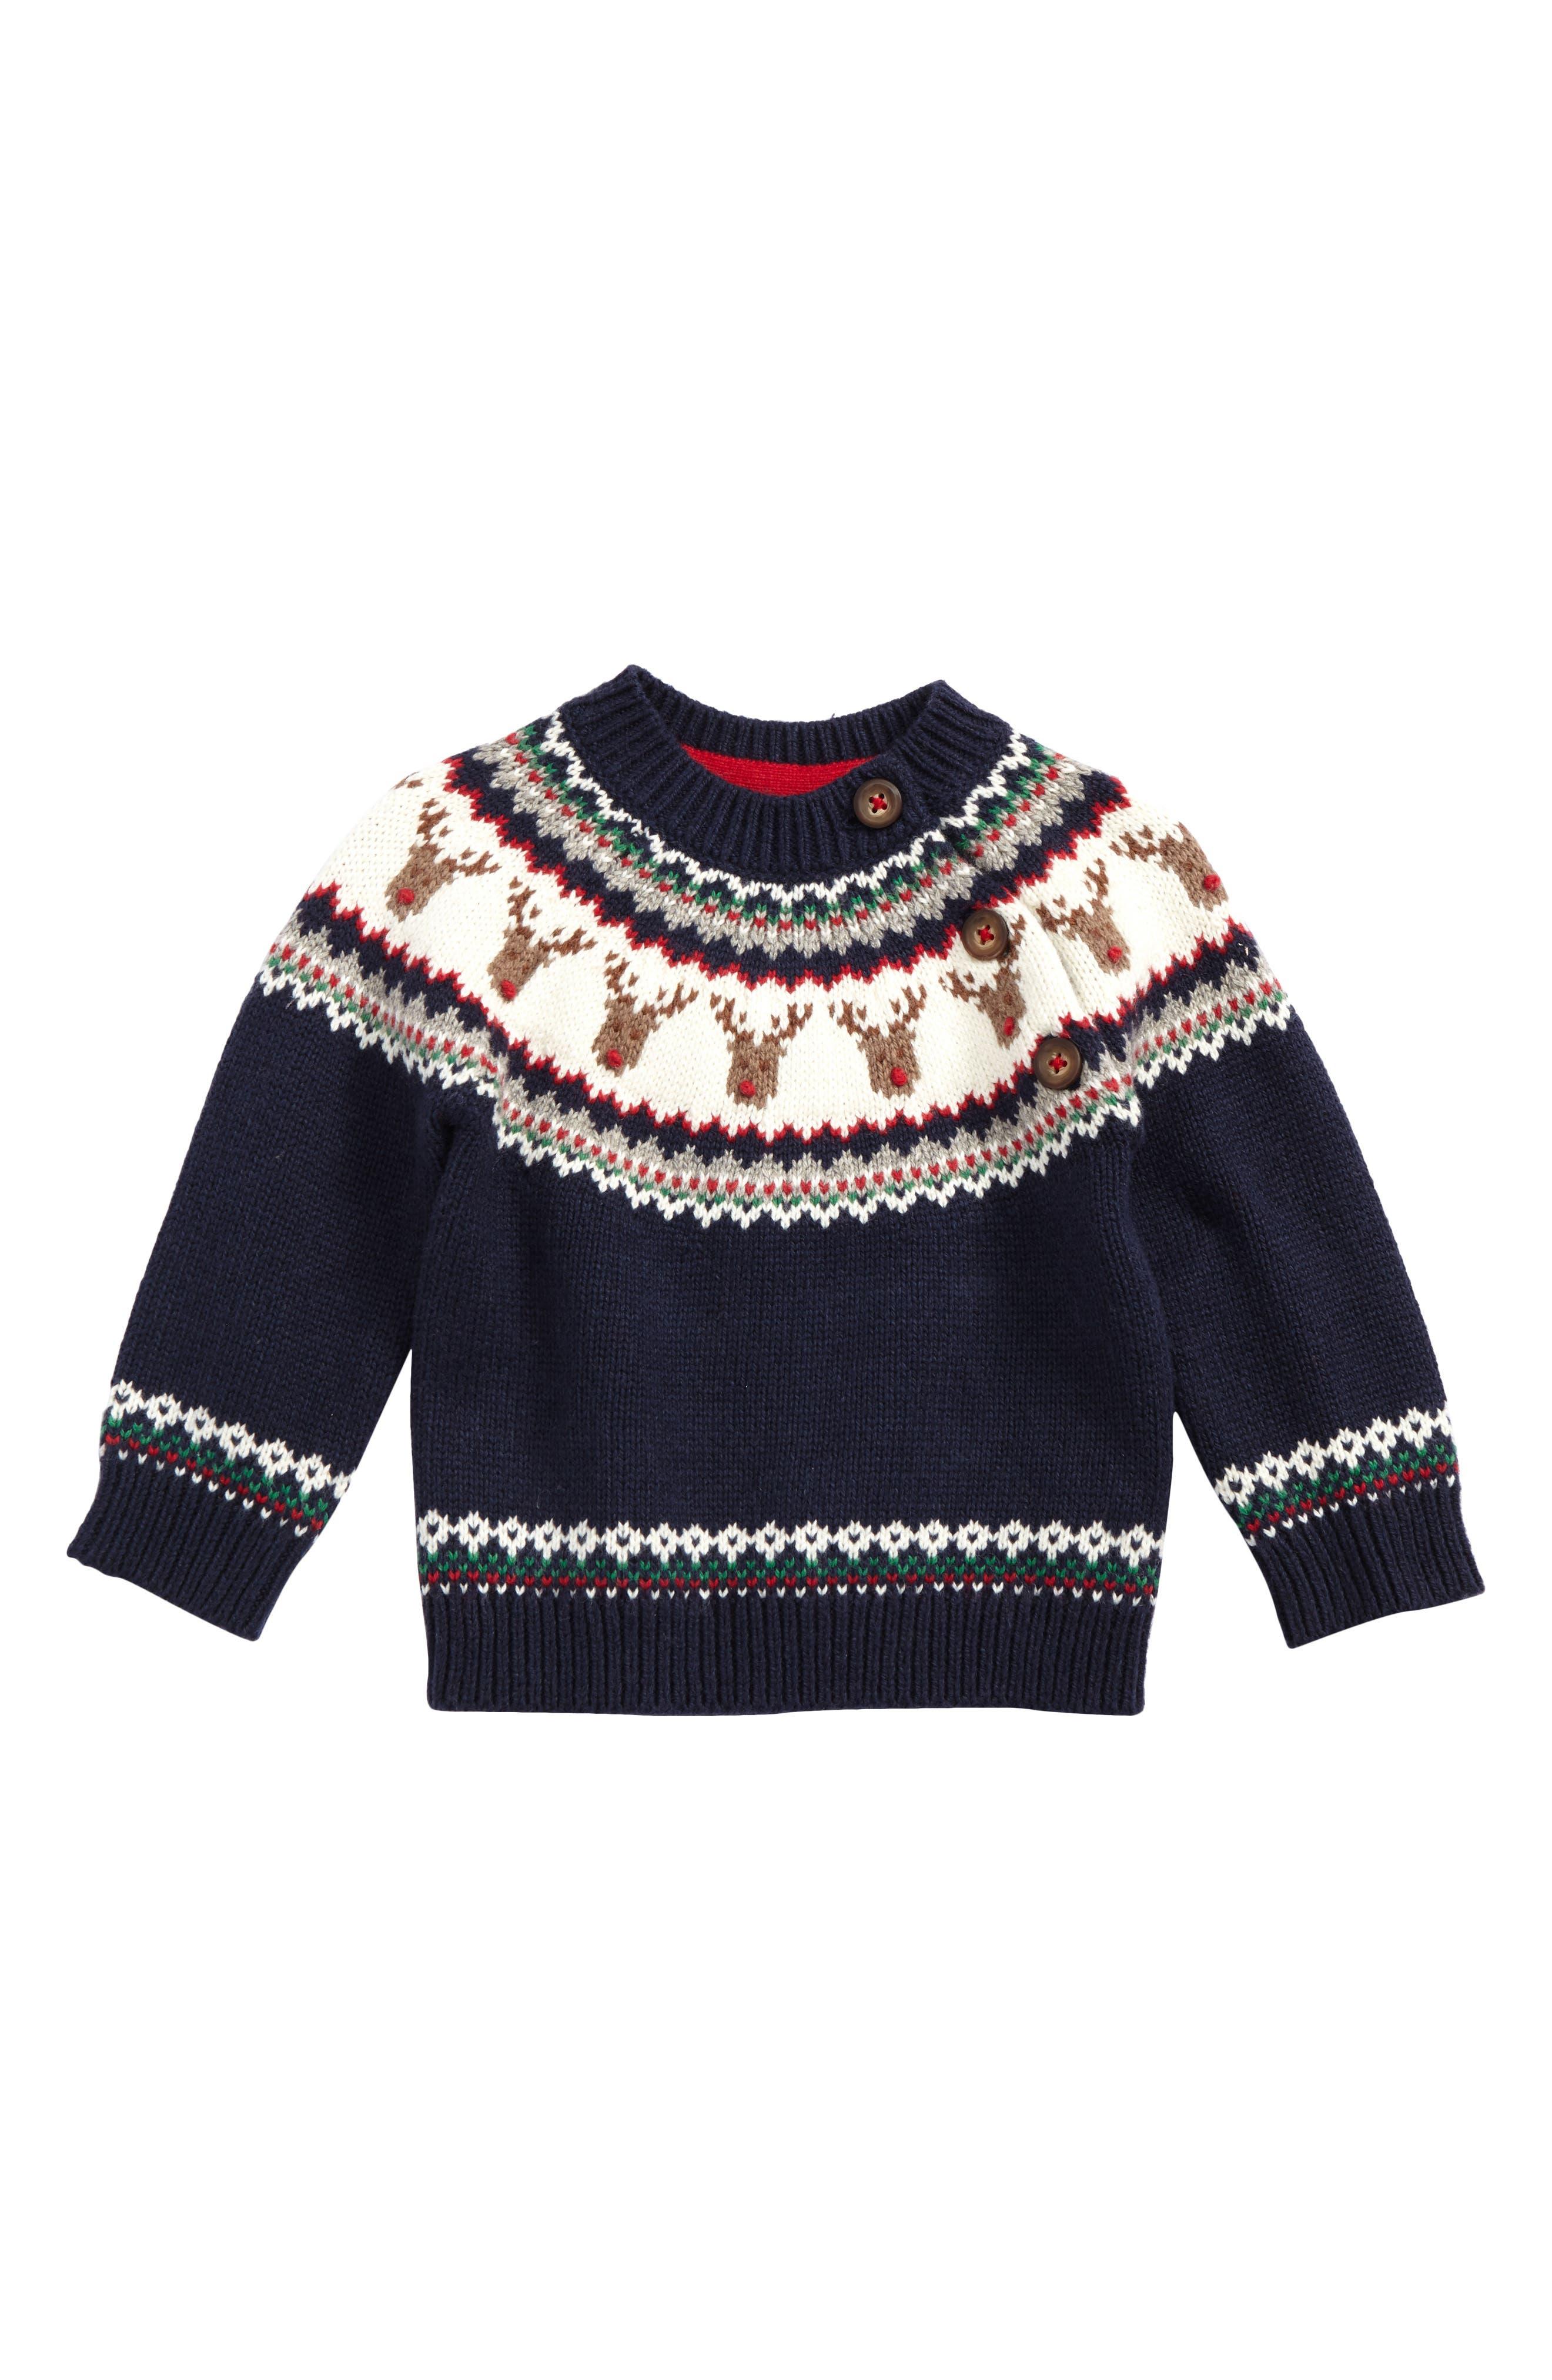 Fair Isle Sweater,                             Main thumbnail 1, color,                             Beacon Blue Reindeer Fair Isle